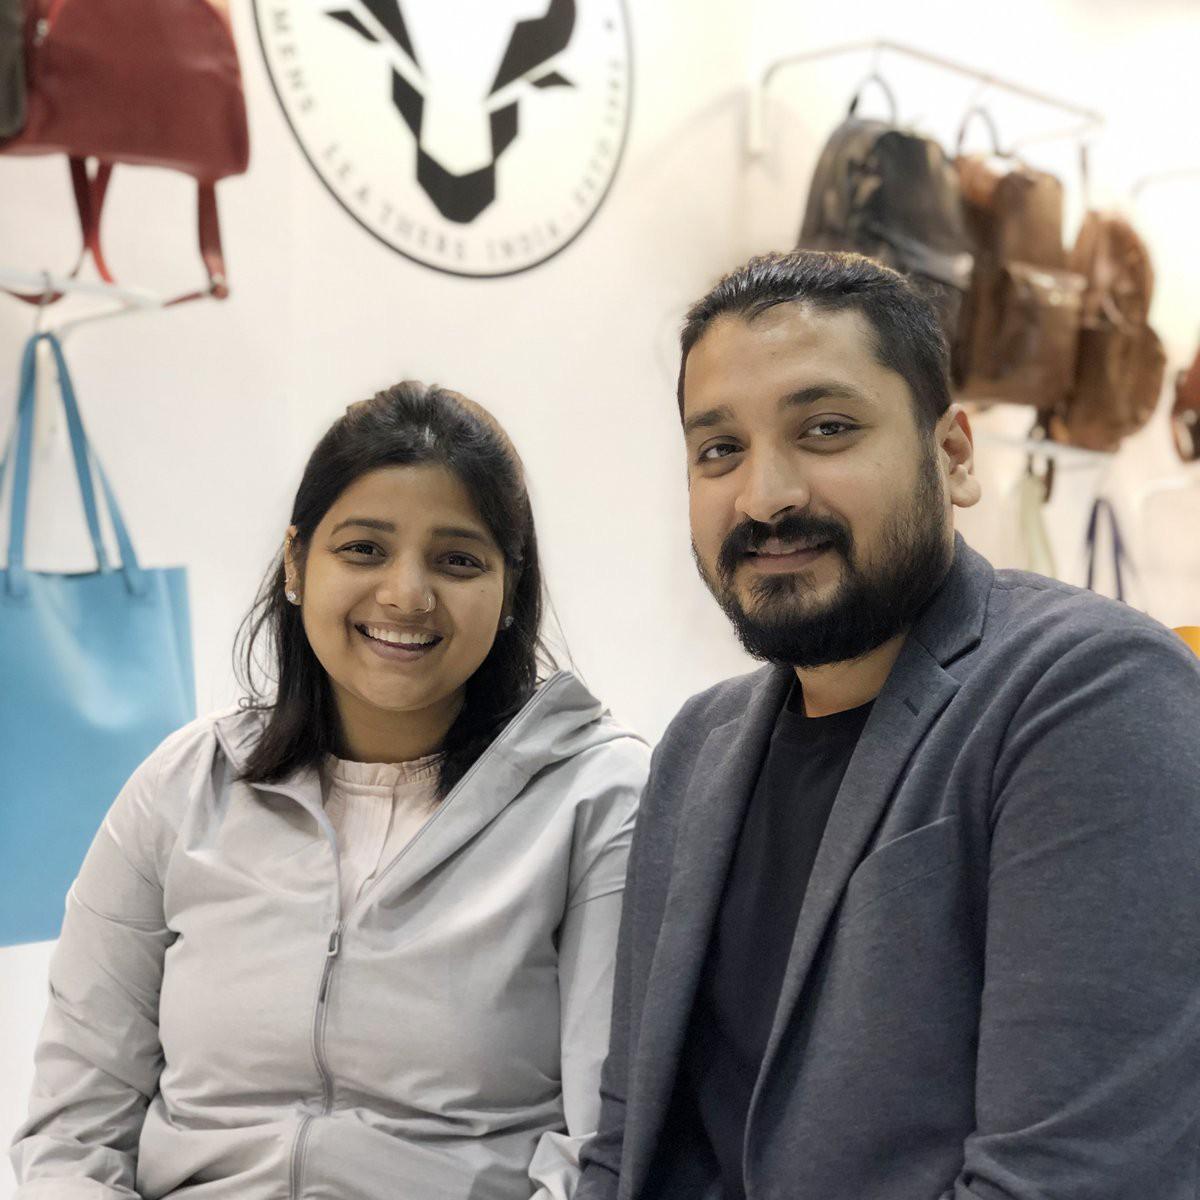 【STORY】牛レザー キャリーケース誕生秘話:インド革製品メーカーとの出会い